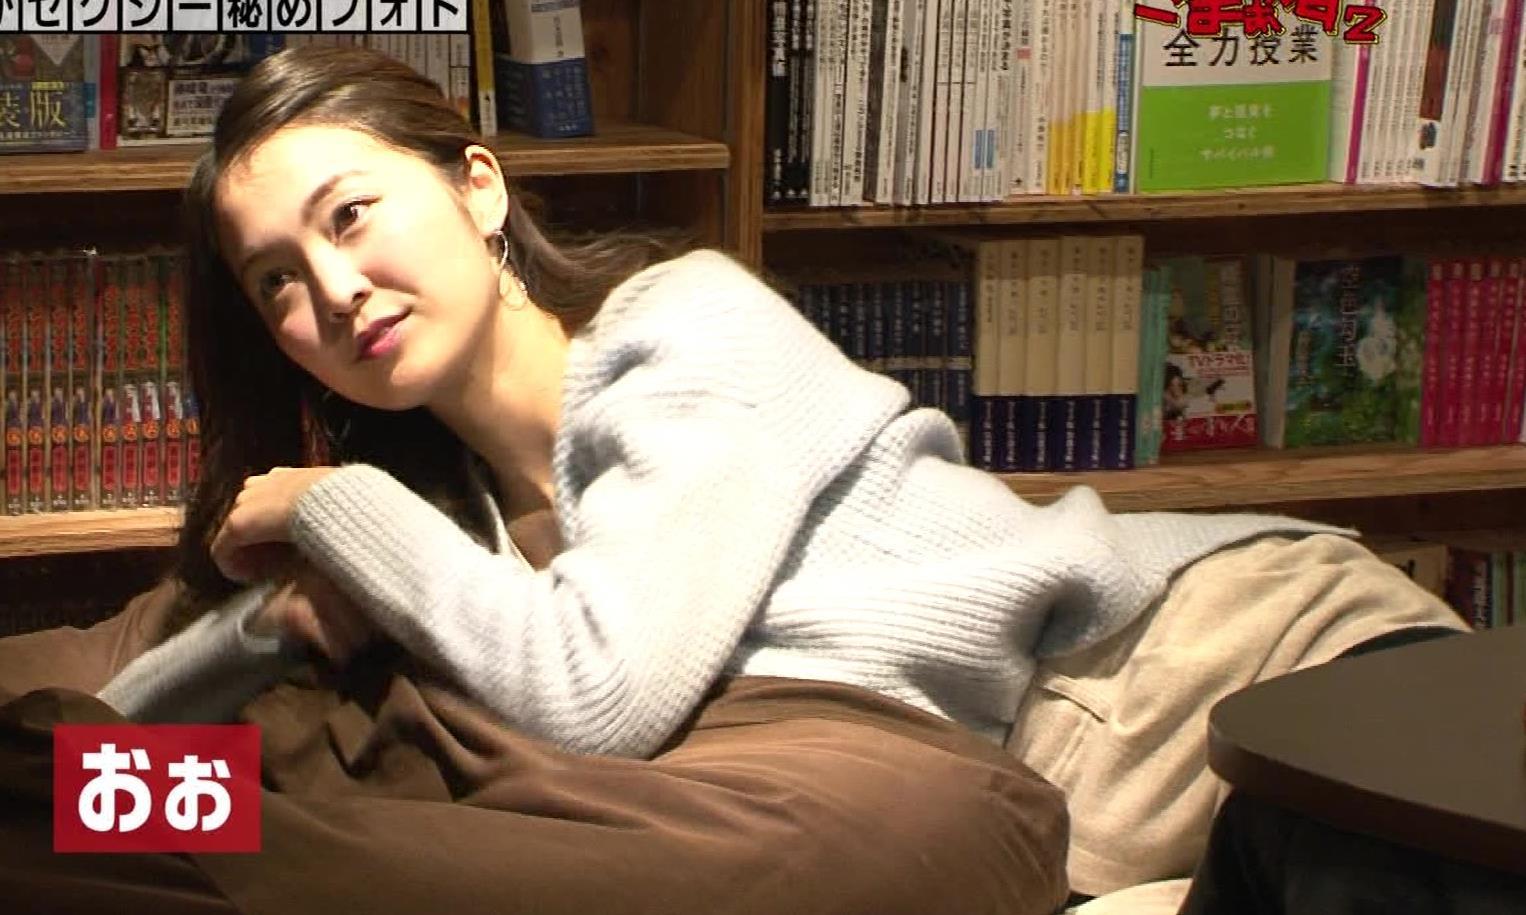 福田典子アナ 「セクシー秘めフォト」って、もはやエロ要員女子アナキャプ・エロ画像11